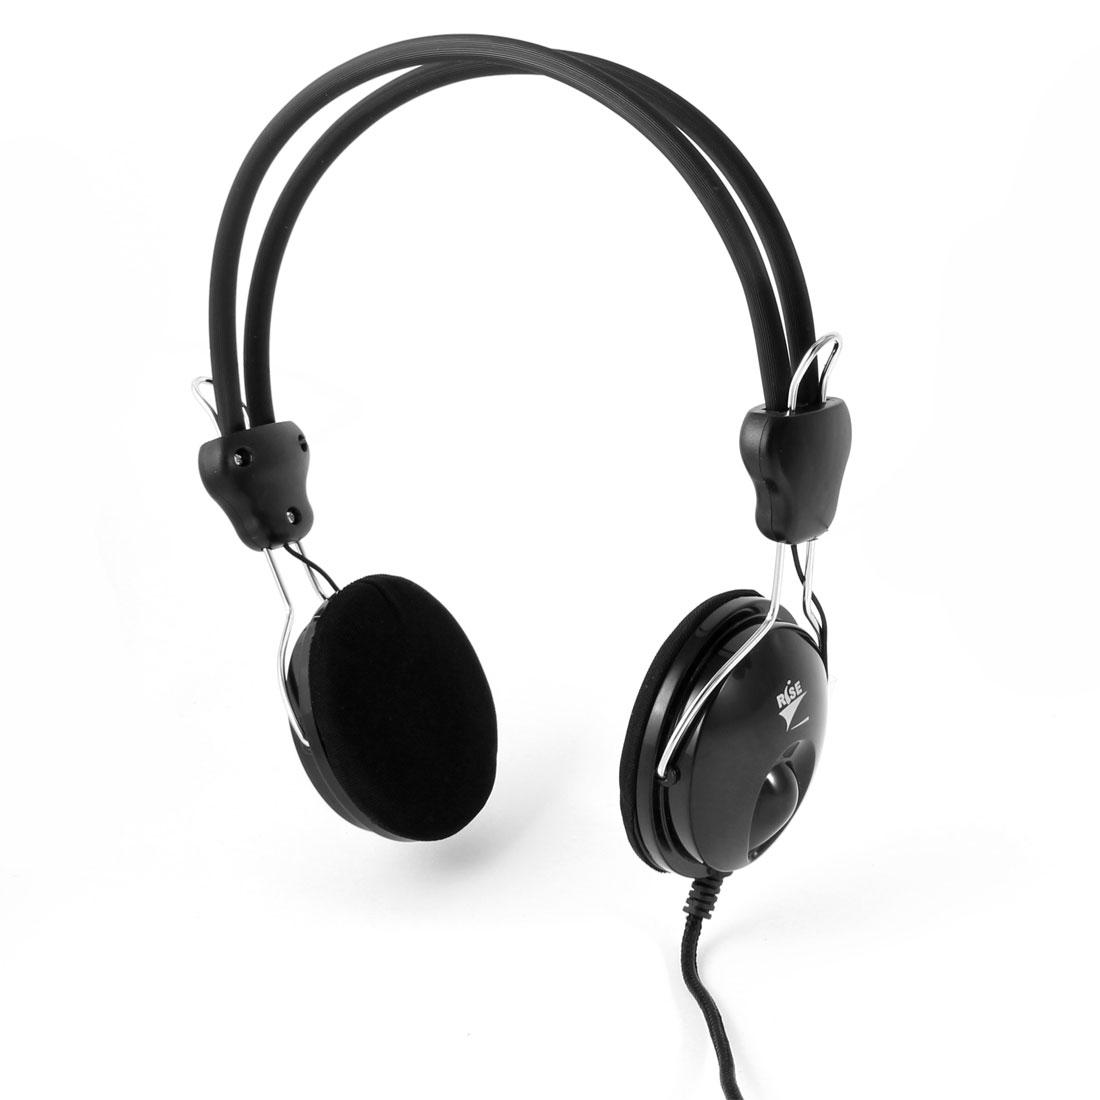 Omnidirection -58dB Adjustable Band 3.5mm Plug Earphone Headphone Headset w Mic